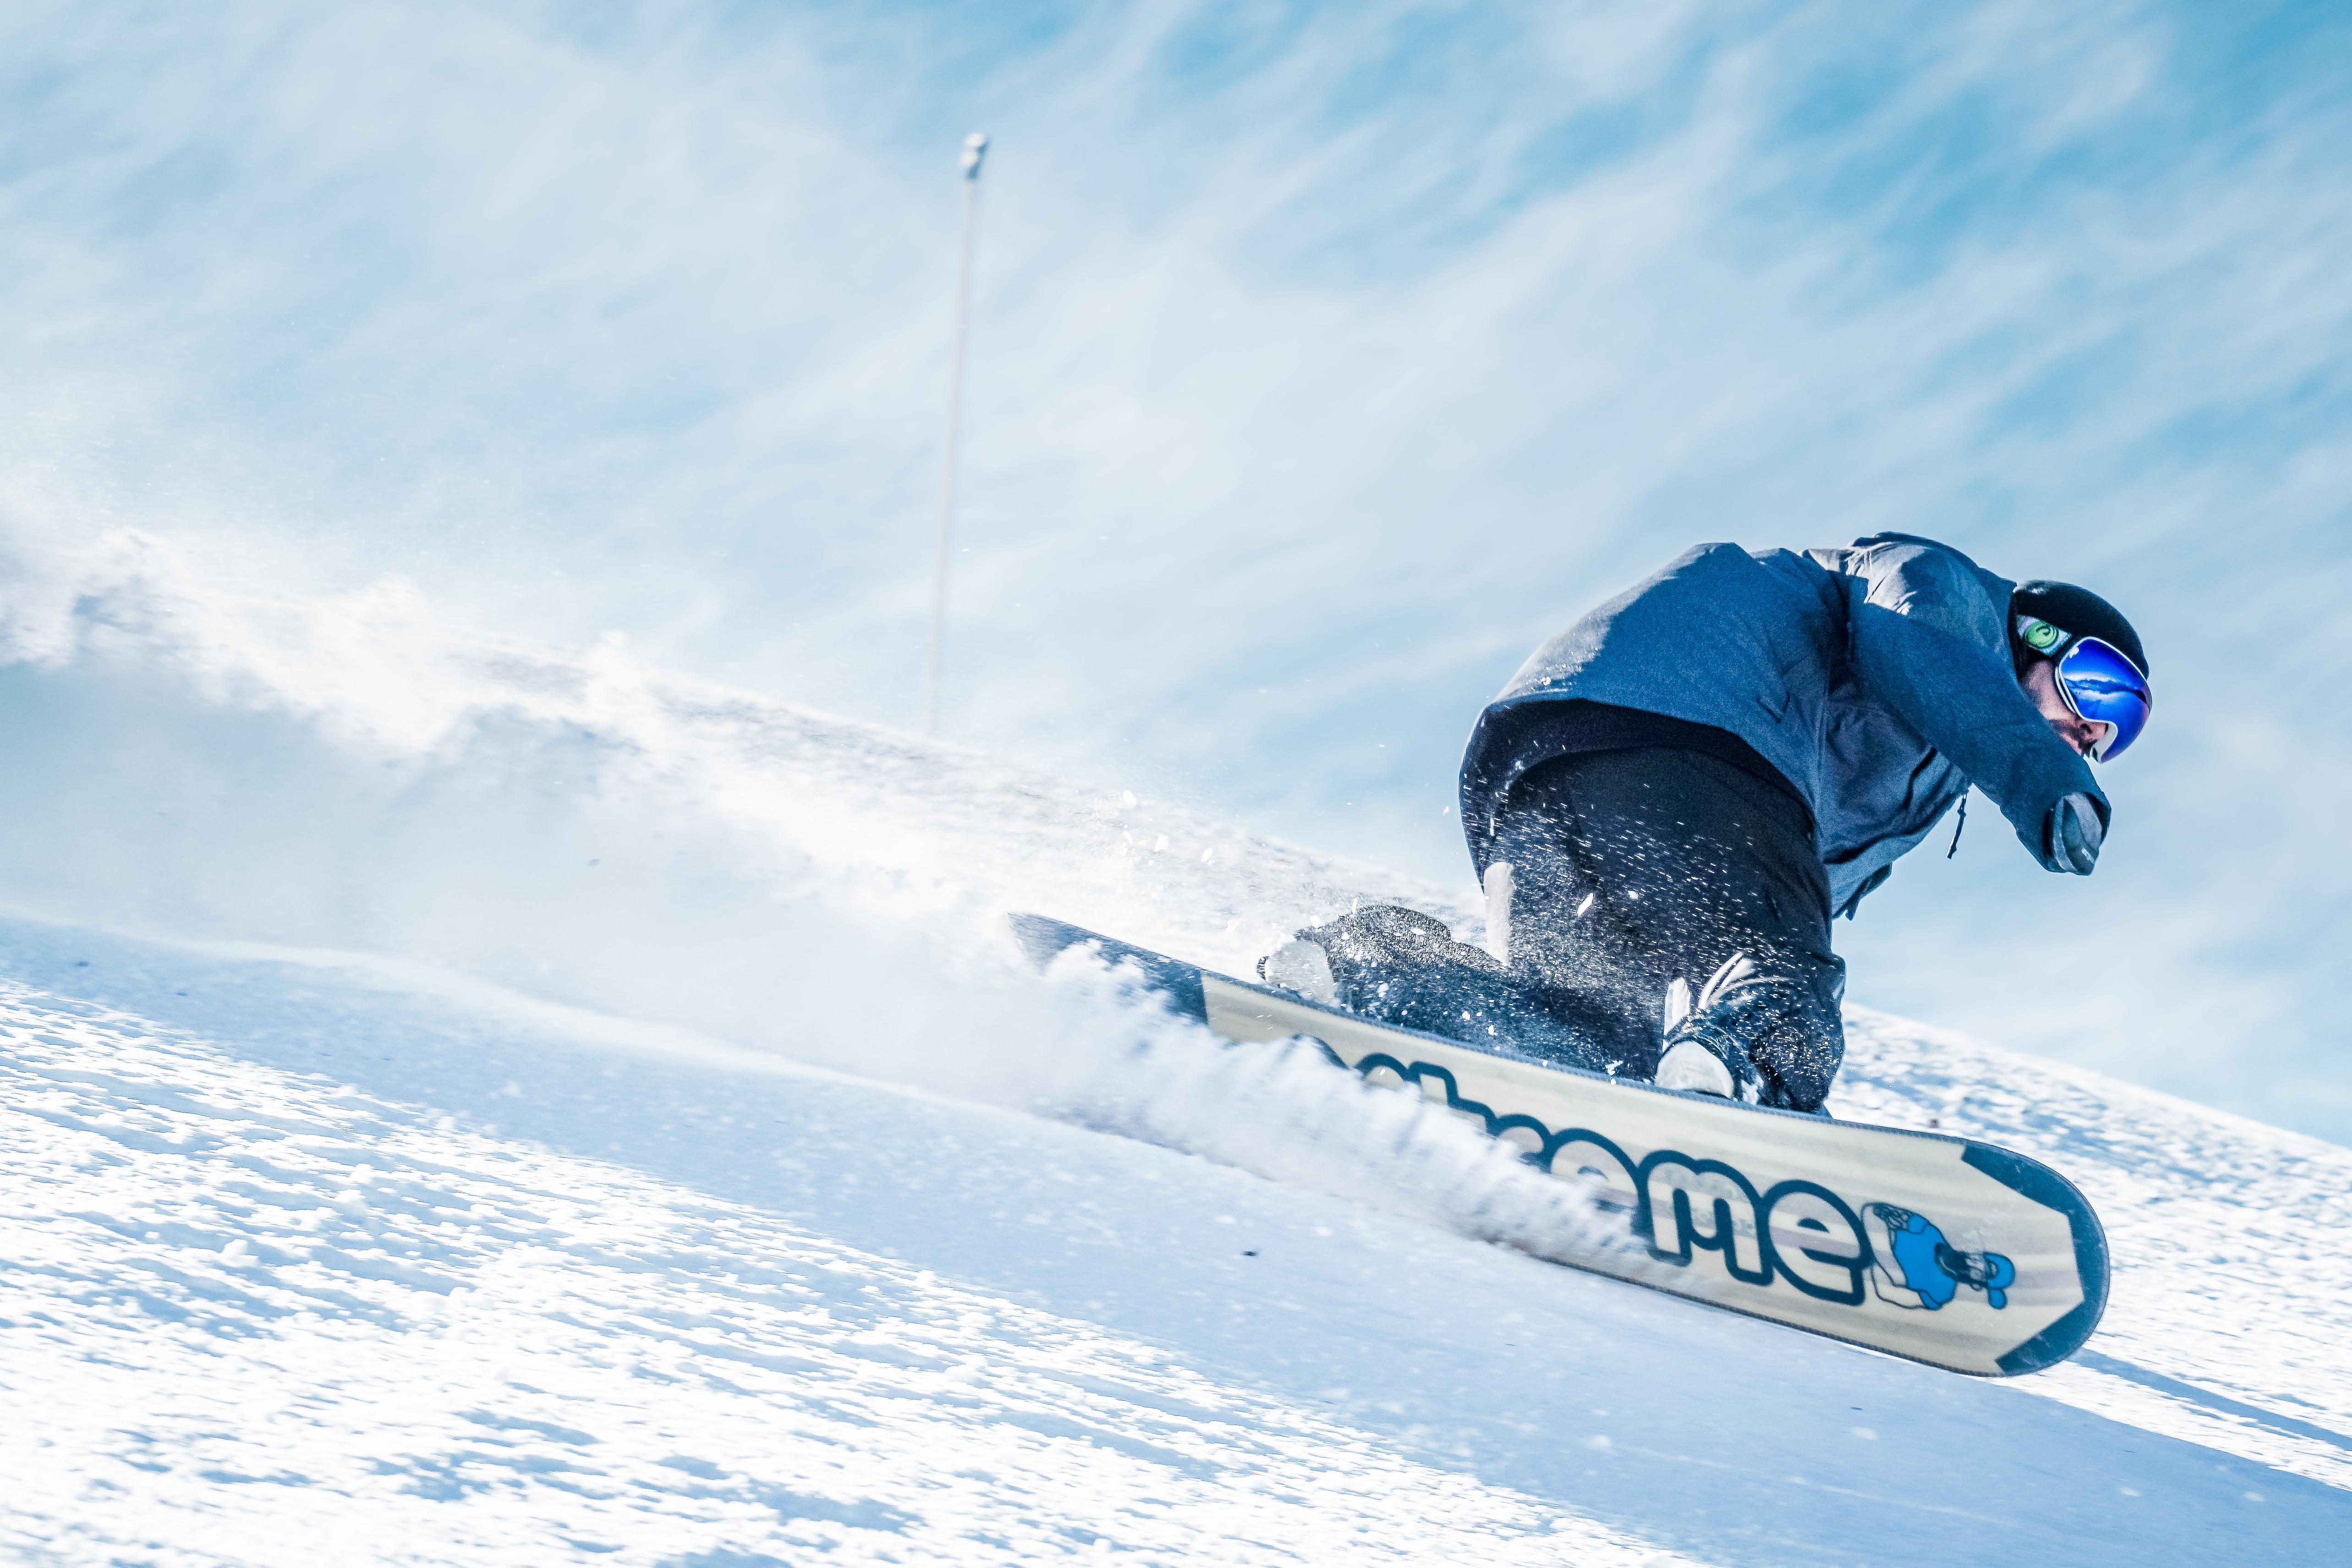 Tecnicas para sacar fotos en la nieve (Parte 1)